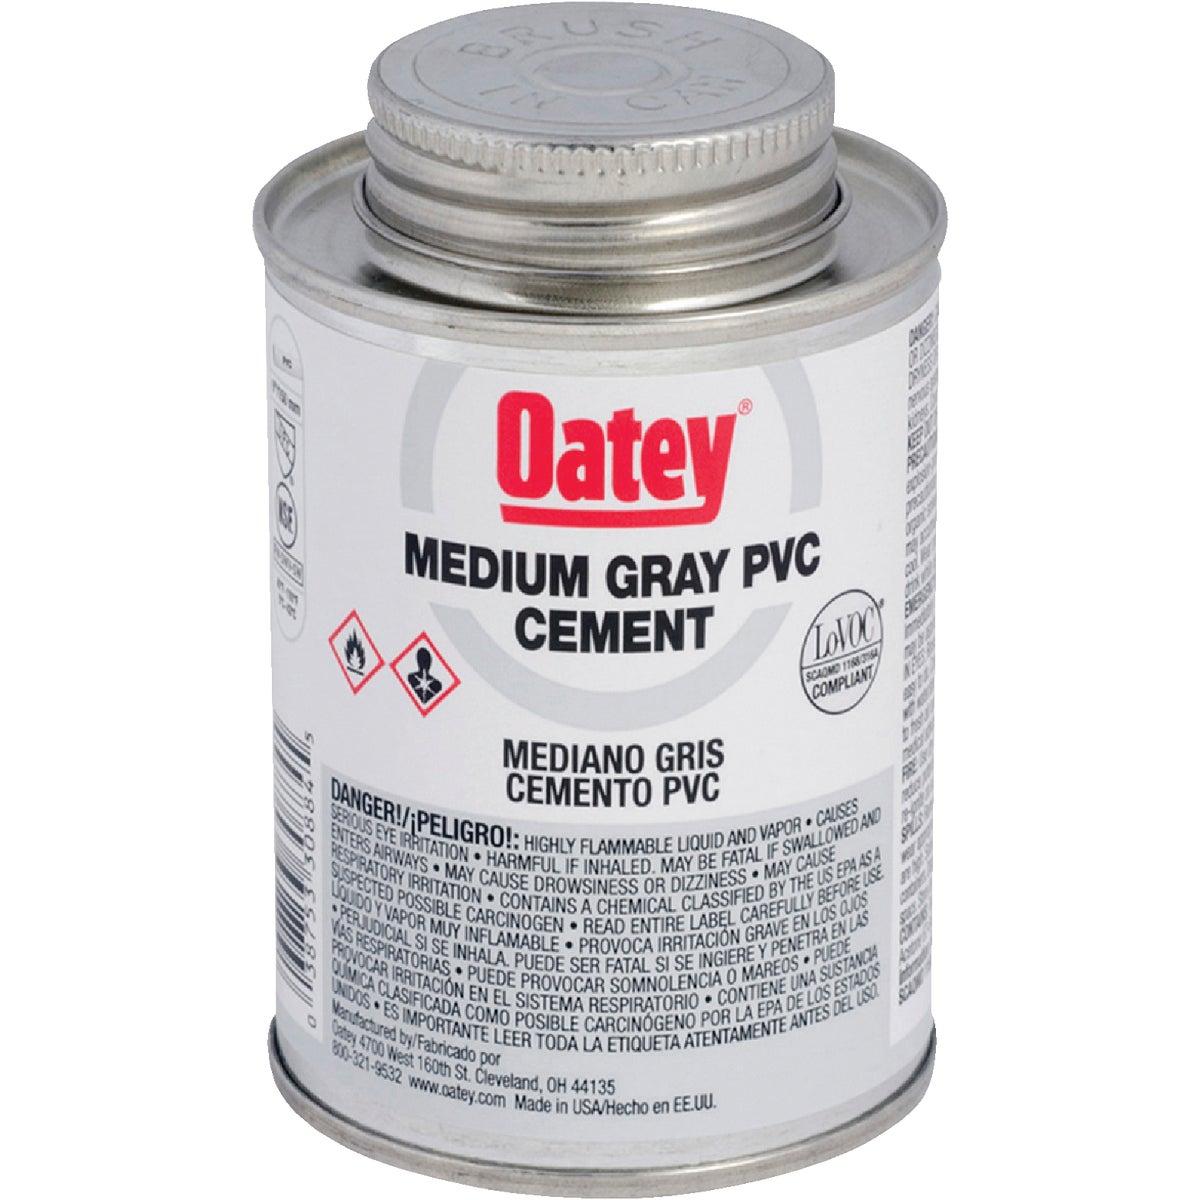 Oatey 1/4PINT PVC CEMENT 30883